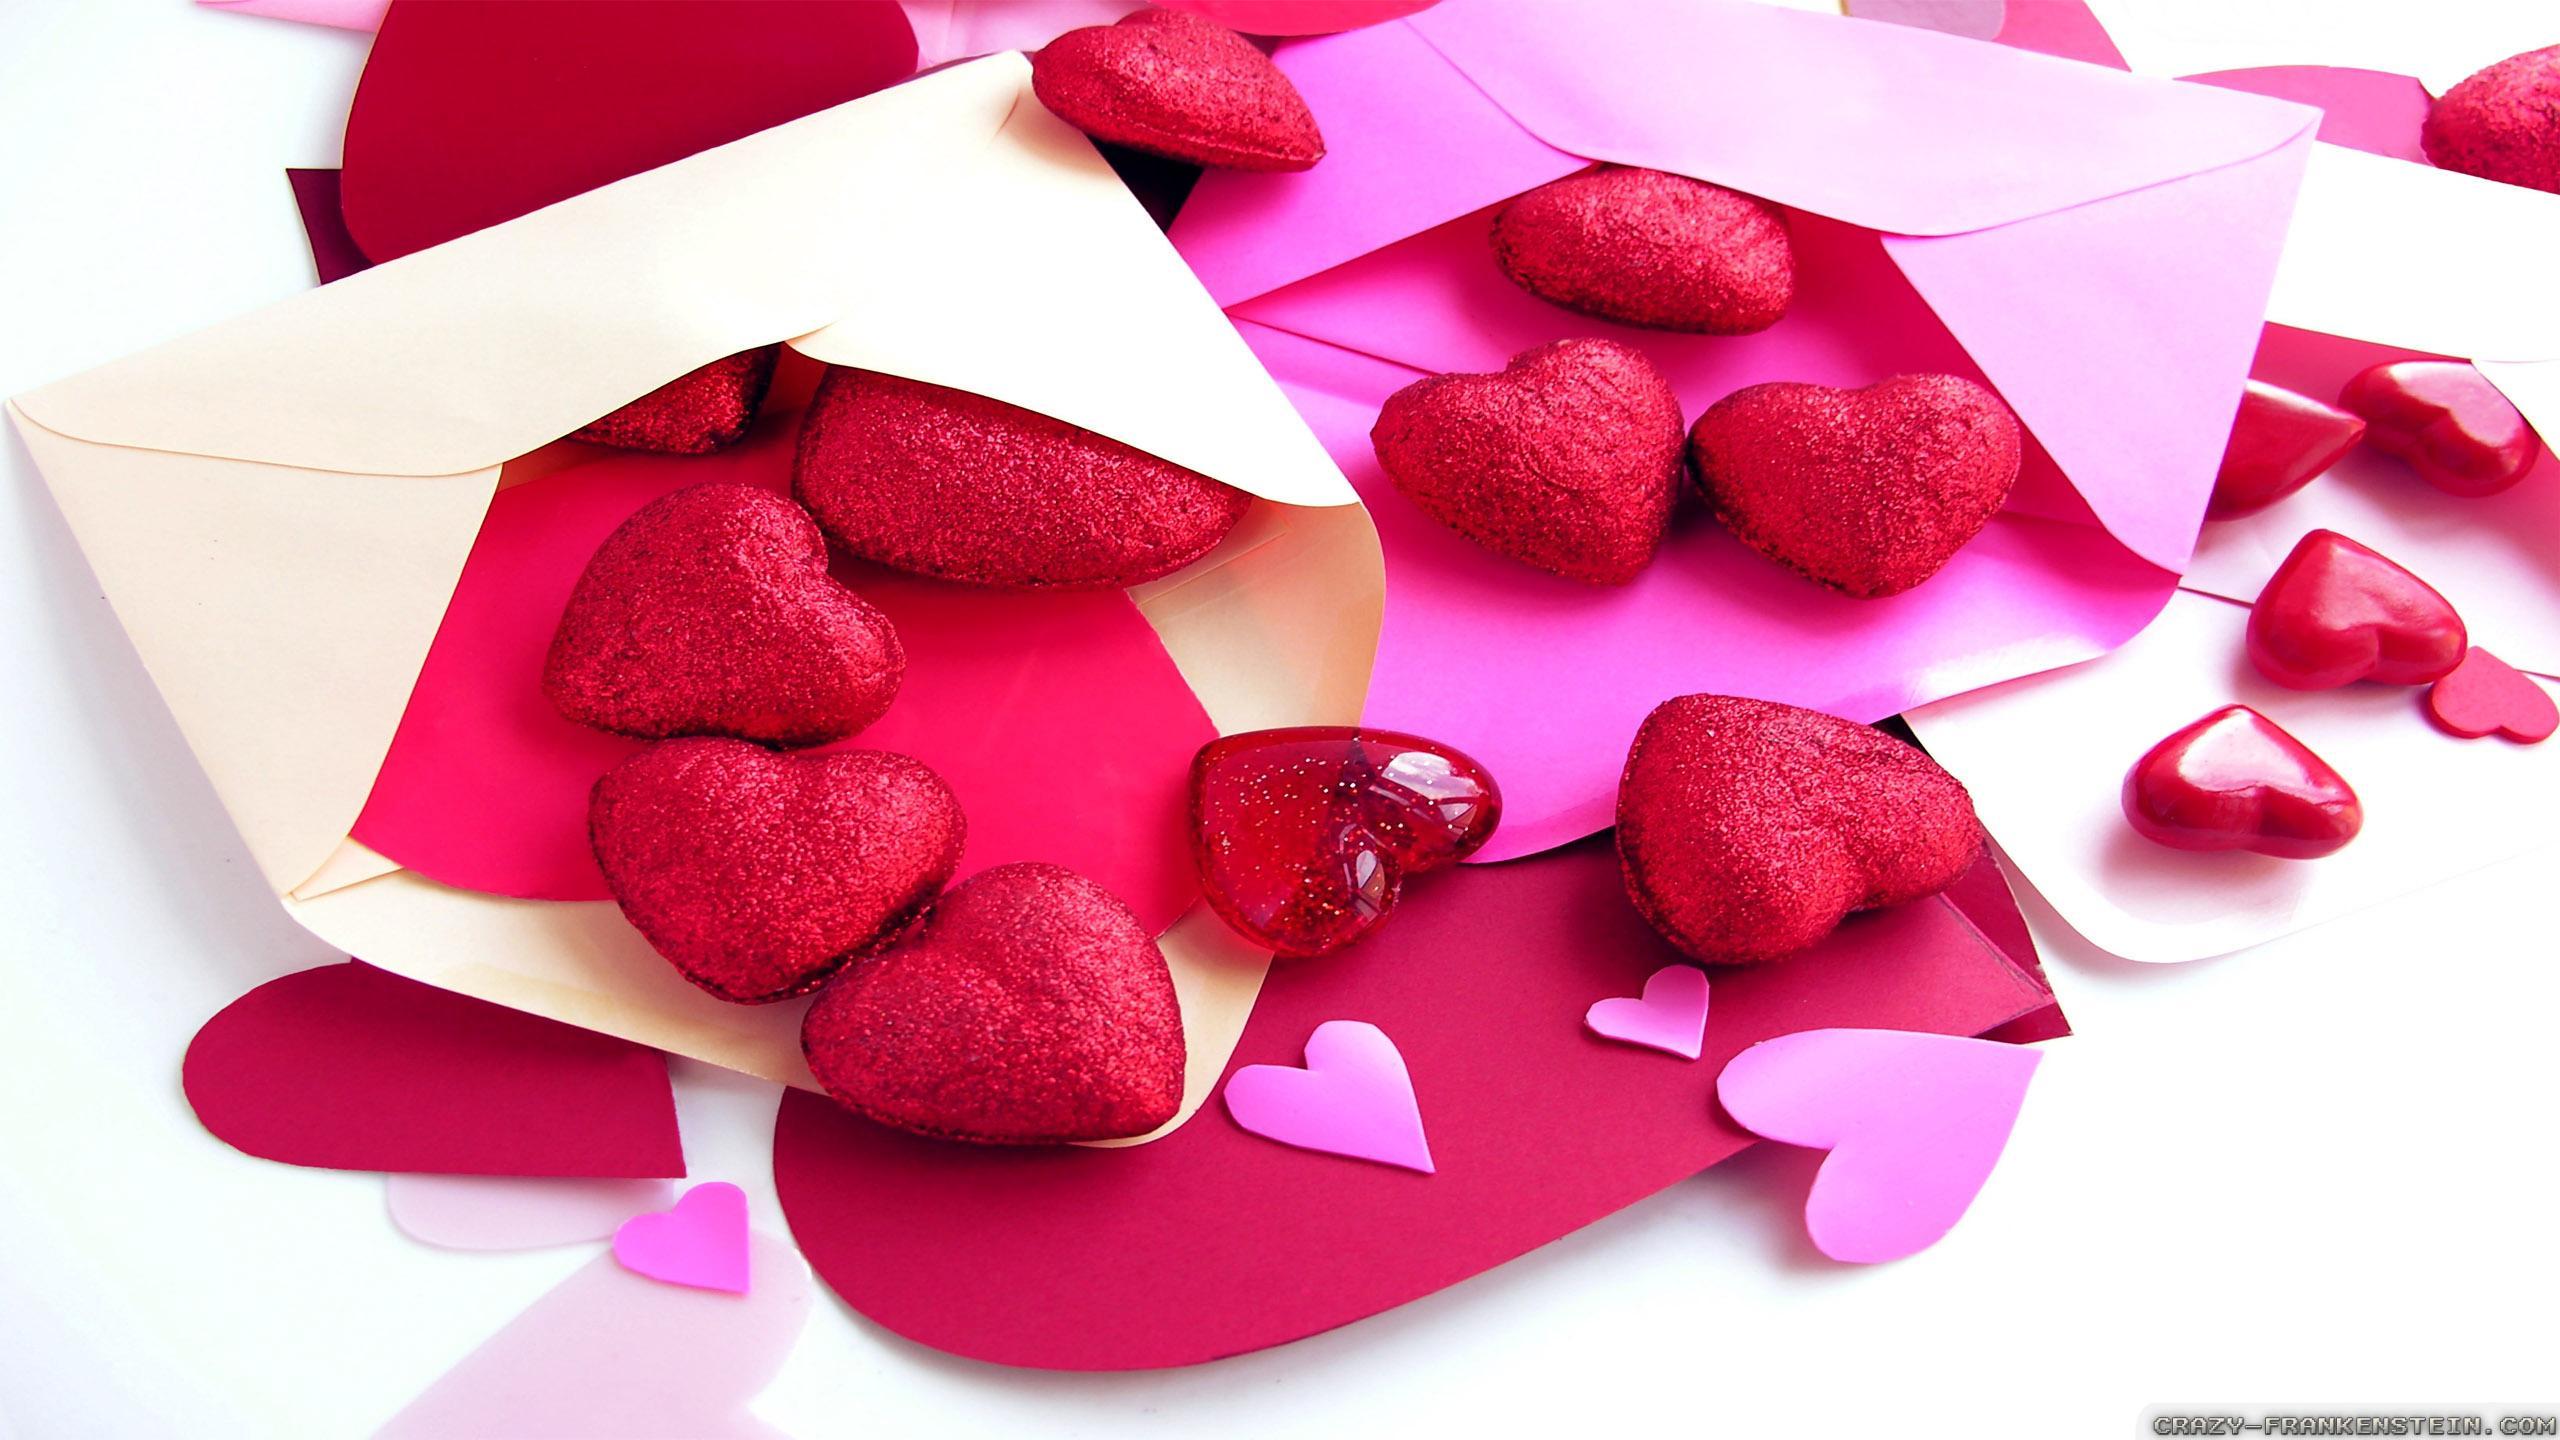 Romantic Wallpaper Full Size Full Size Love Romantic Wallpaper Hd 2560x1440 Download Hd Wallpaper Wallpapertip